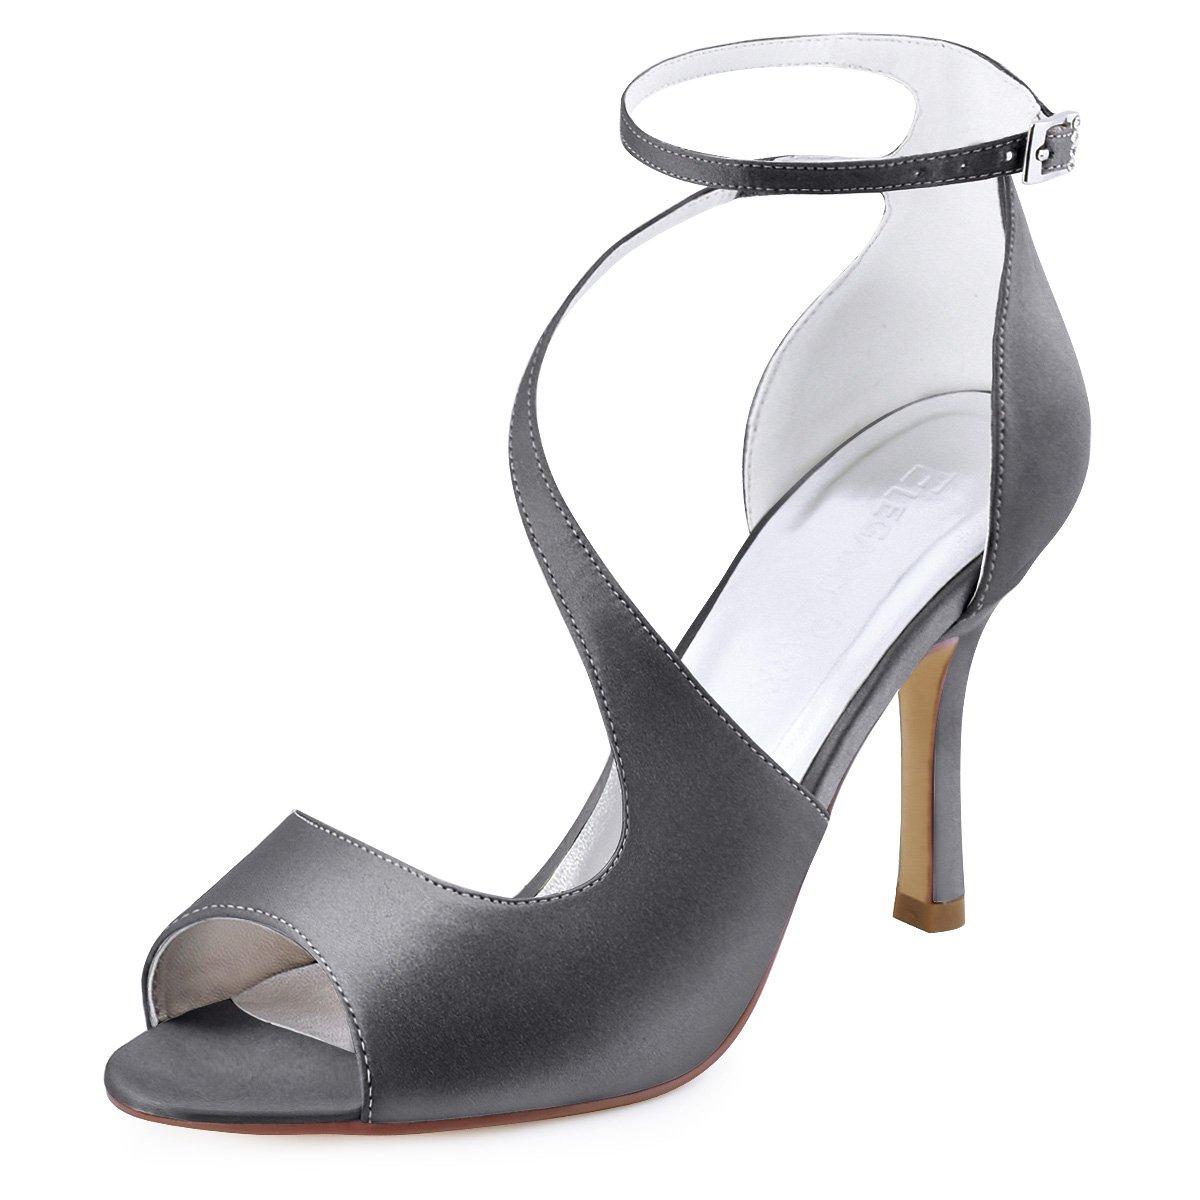 ElegantPark HP1505 Escarpins Cheville Femme Bout Argent Ouvert Diamant ElegantPark Btide Cheville Boucle Sandales Chaussures de mariee Bal Argent D acier 7e6251d - shopssong.space